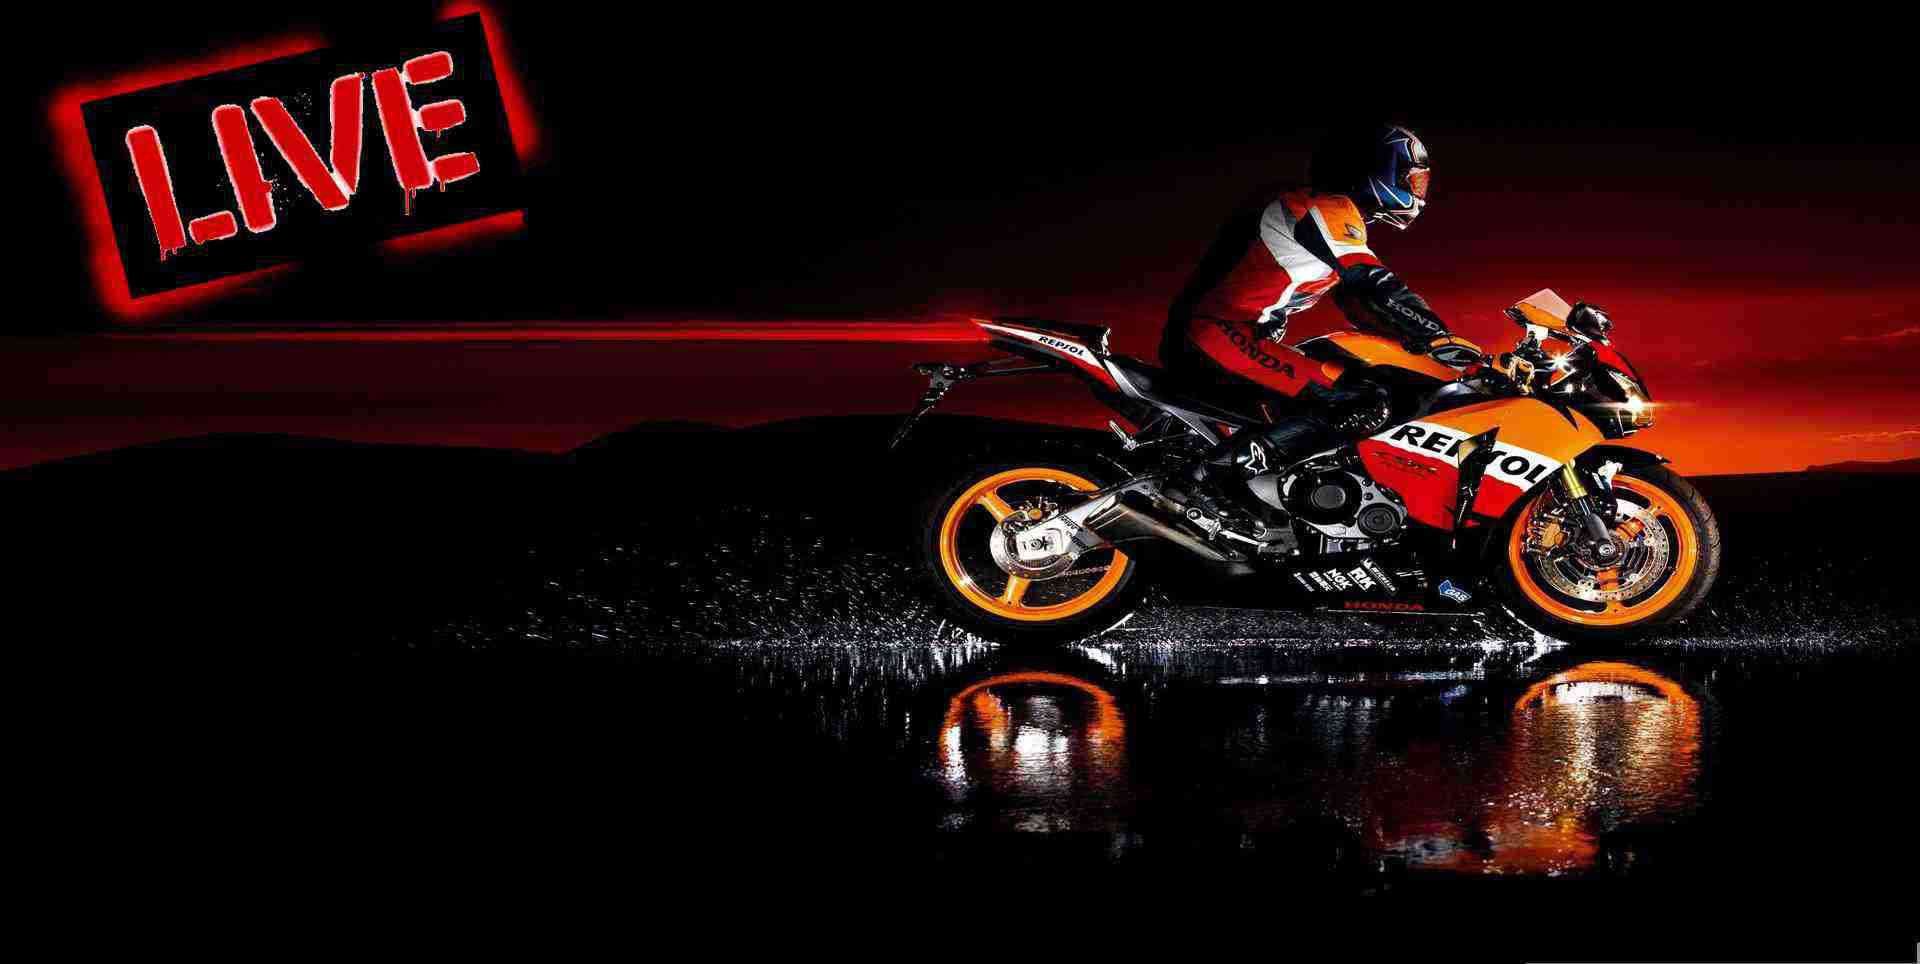 Motogp Motul TT Assen 2015 Live